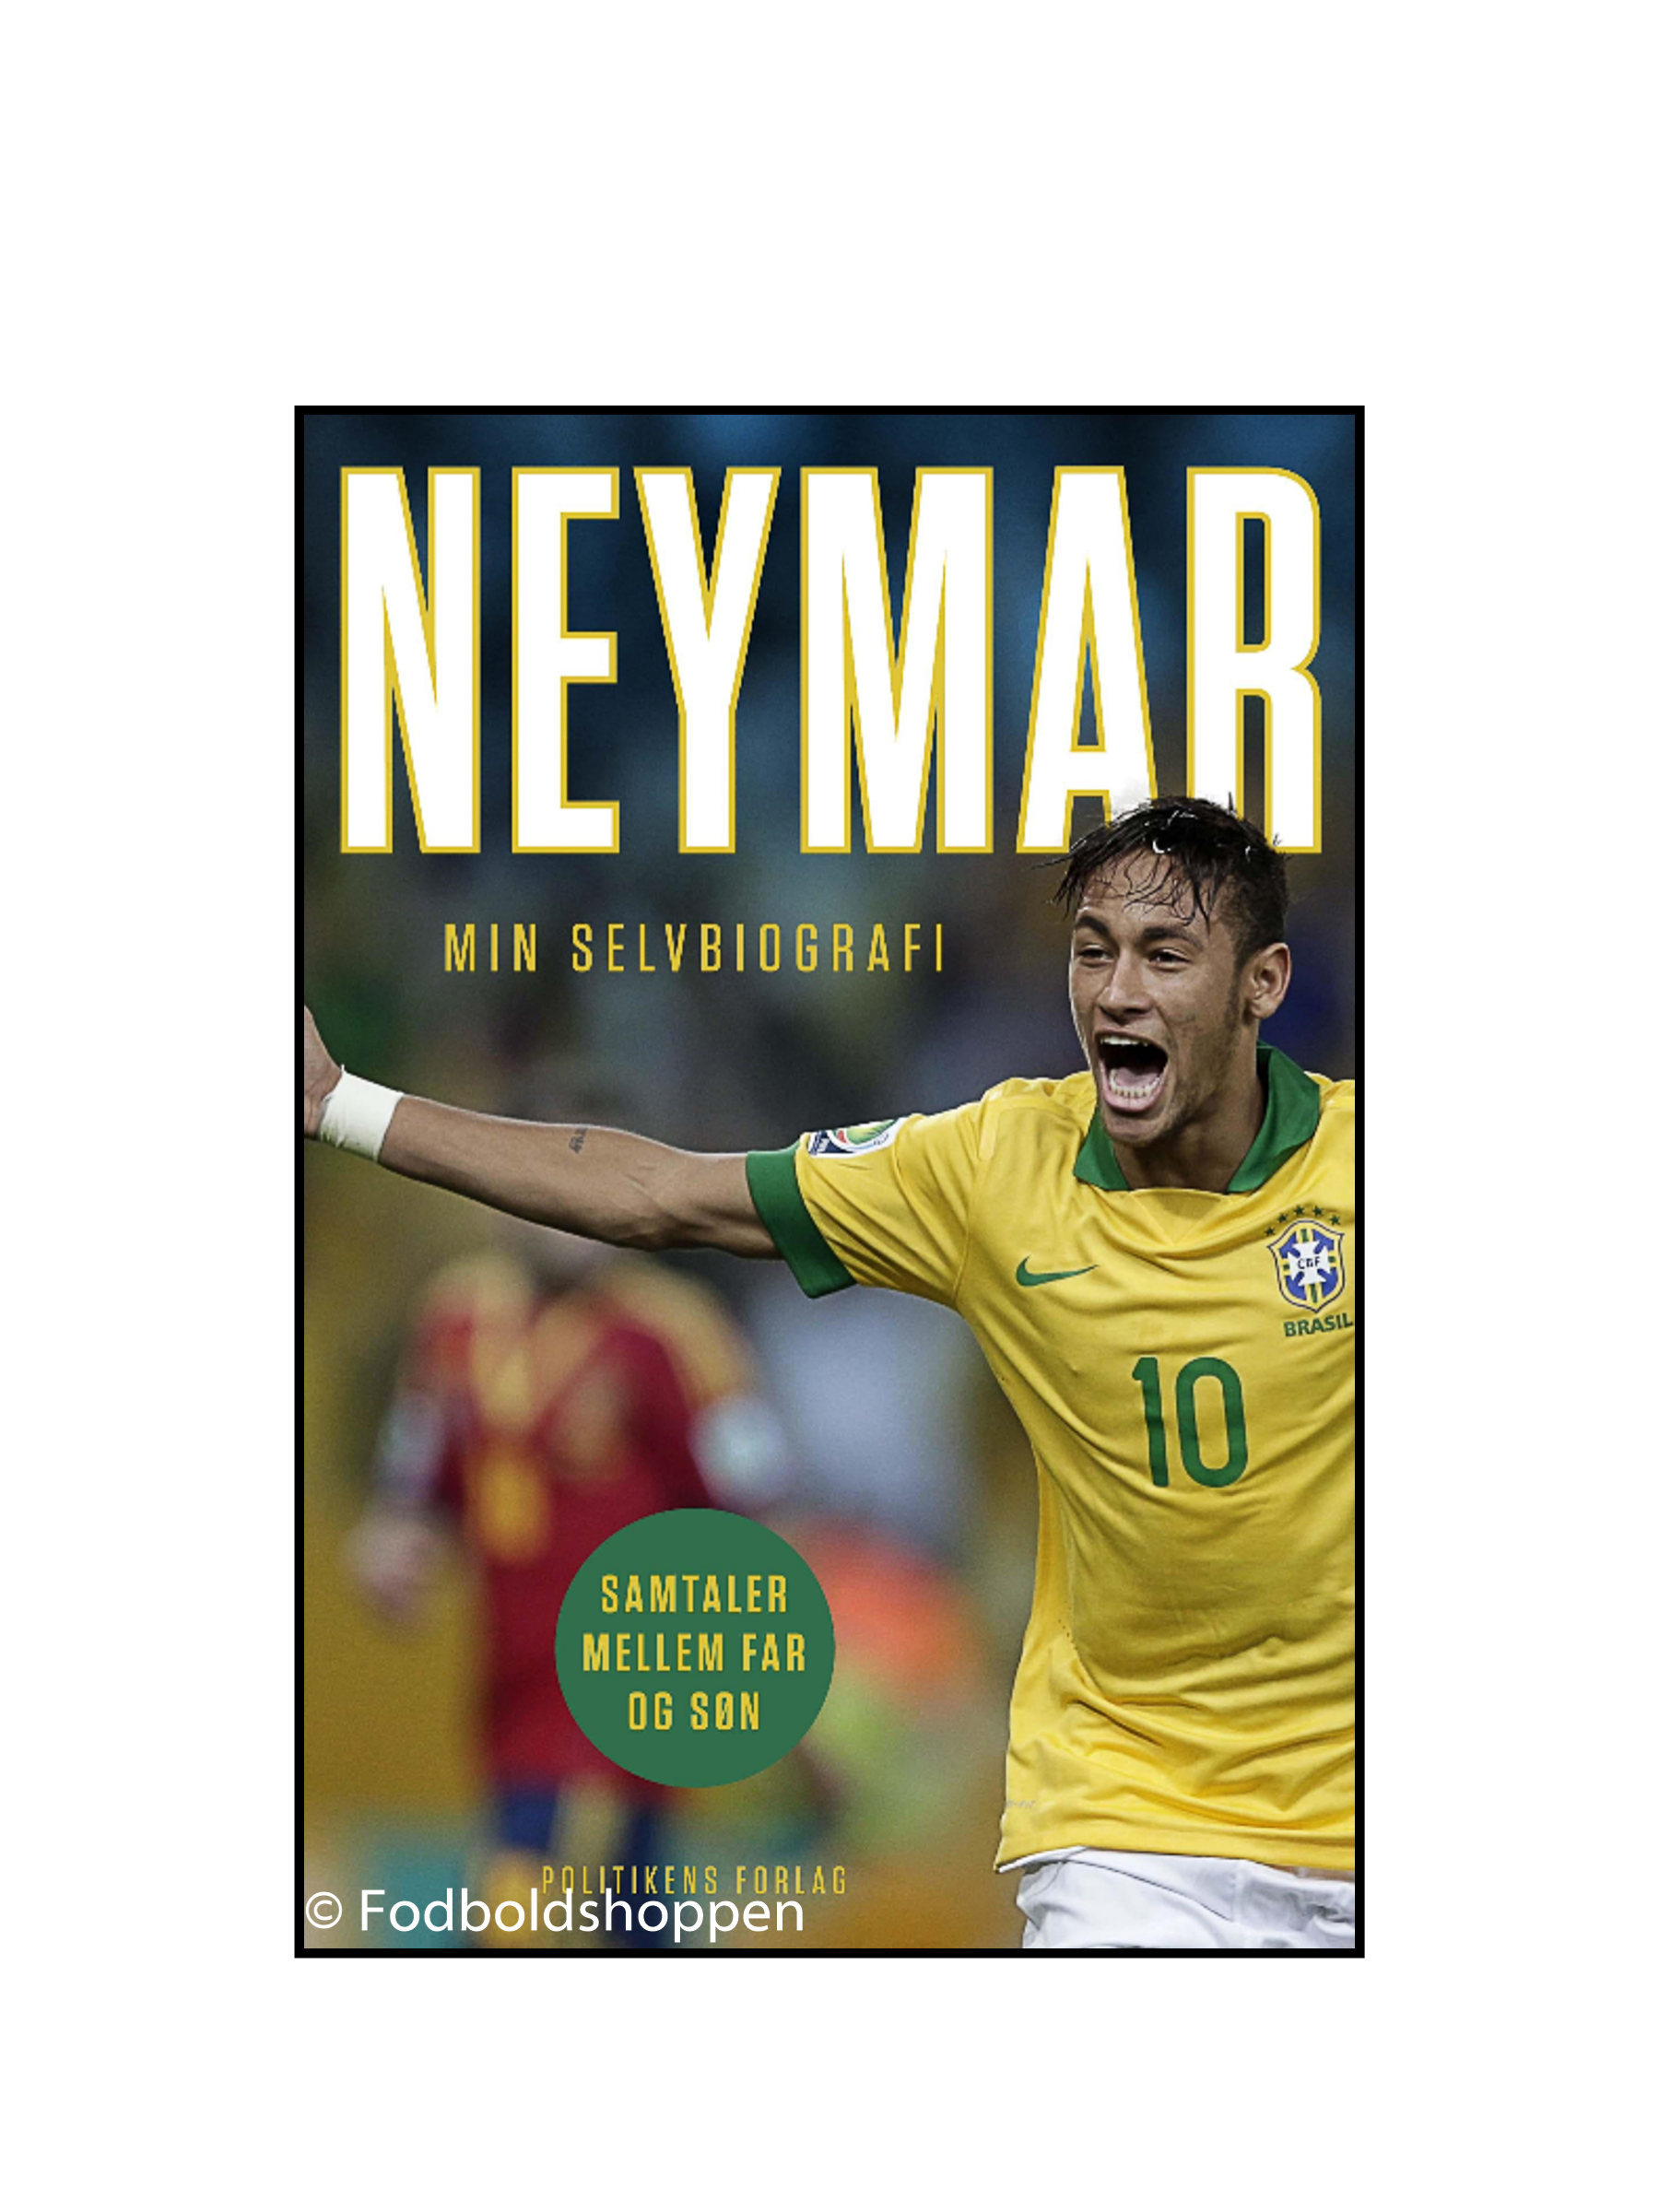 Neymar - min selvbiografi - samtaler mellem far og søn